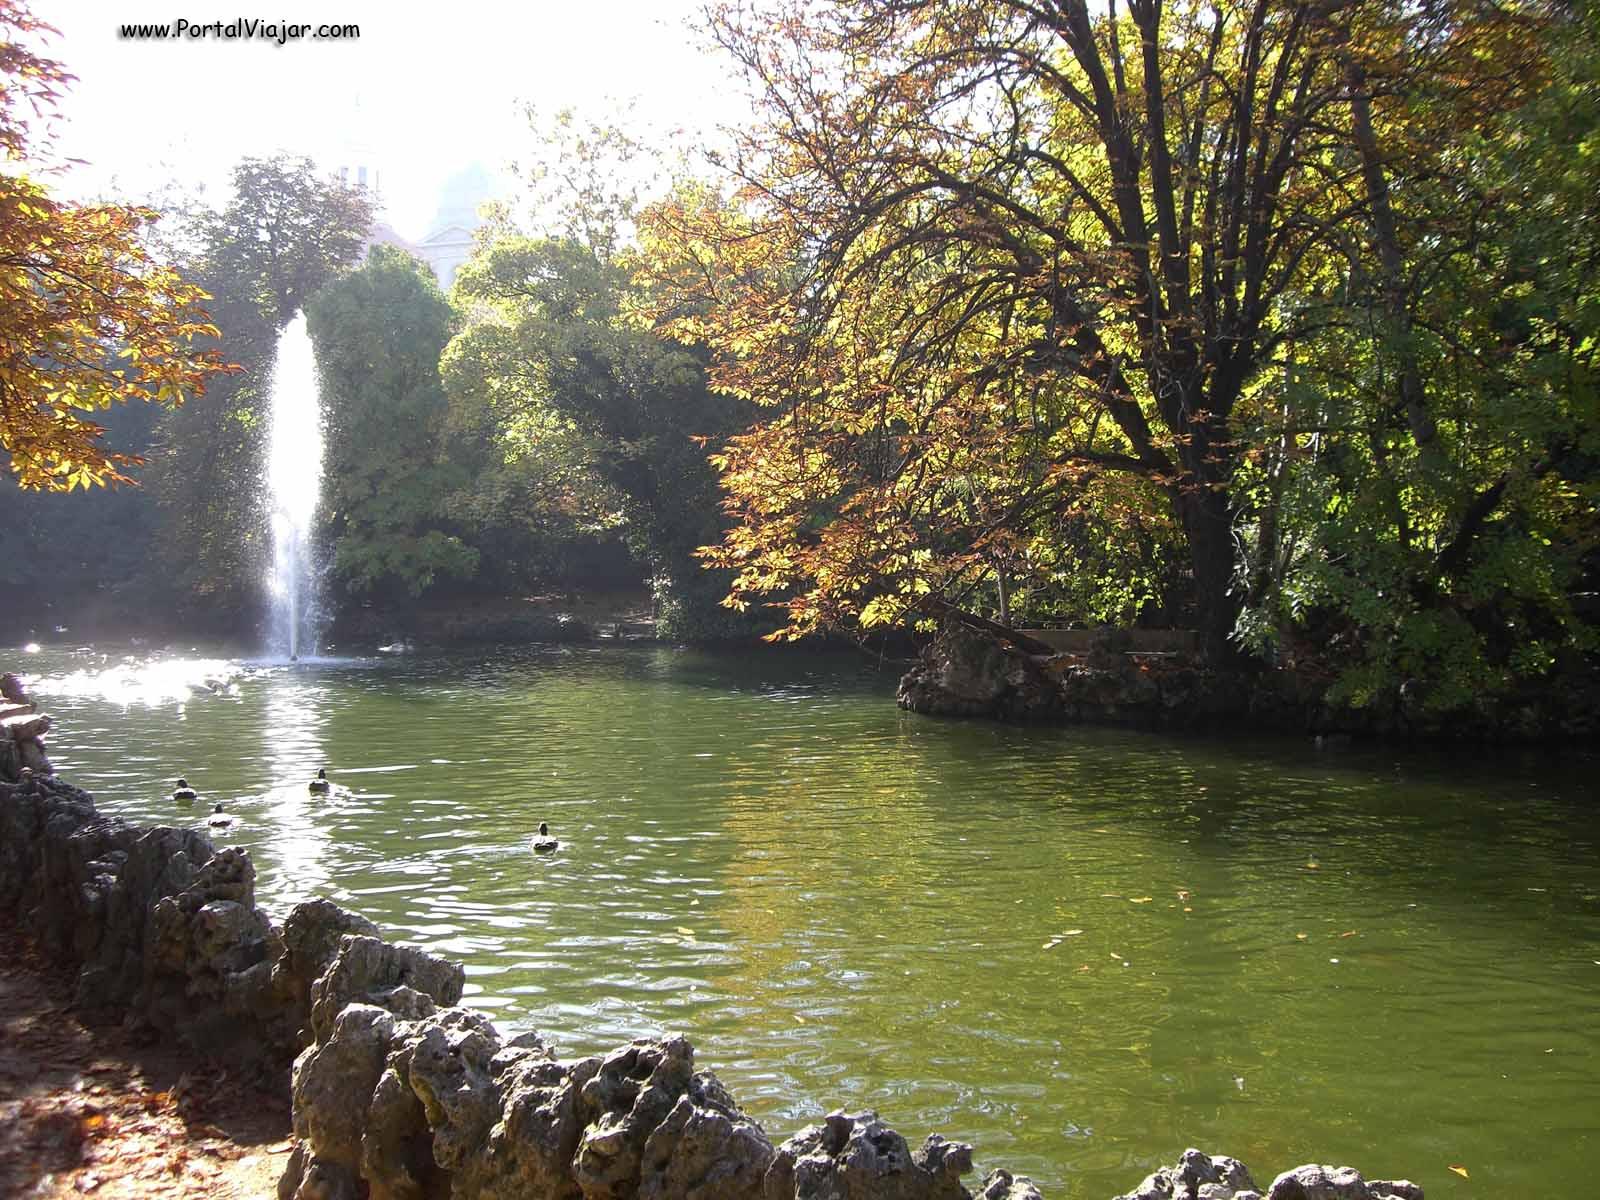 Valladolid Urlaub World